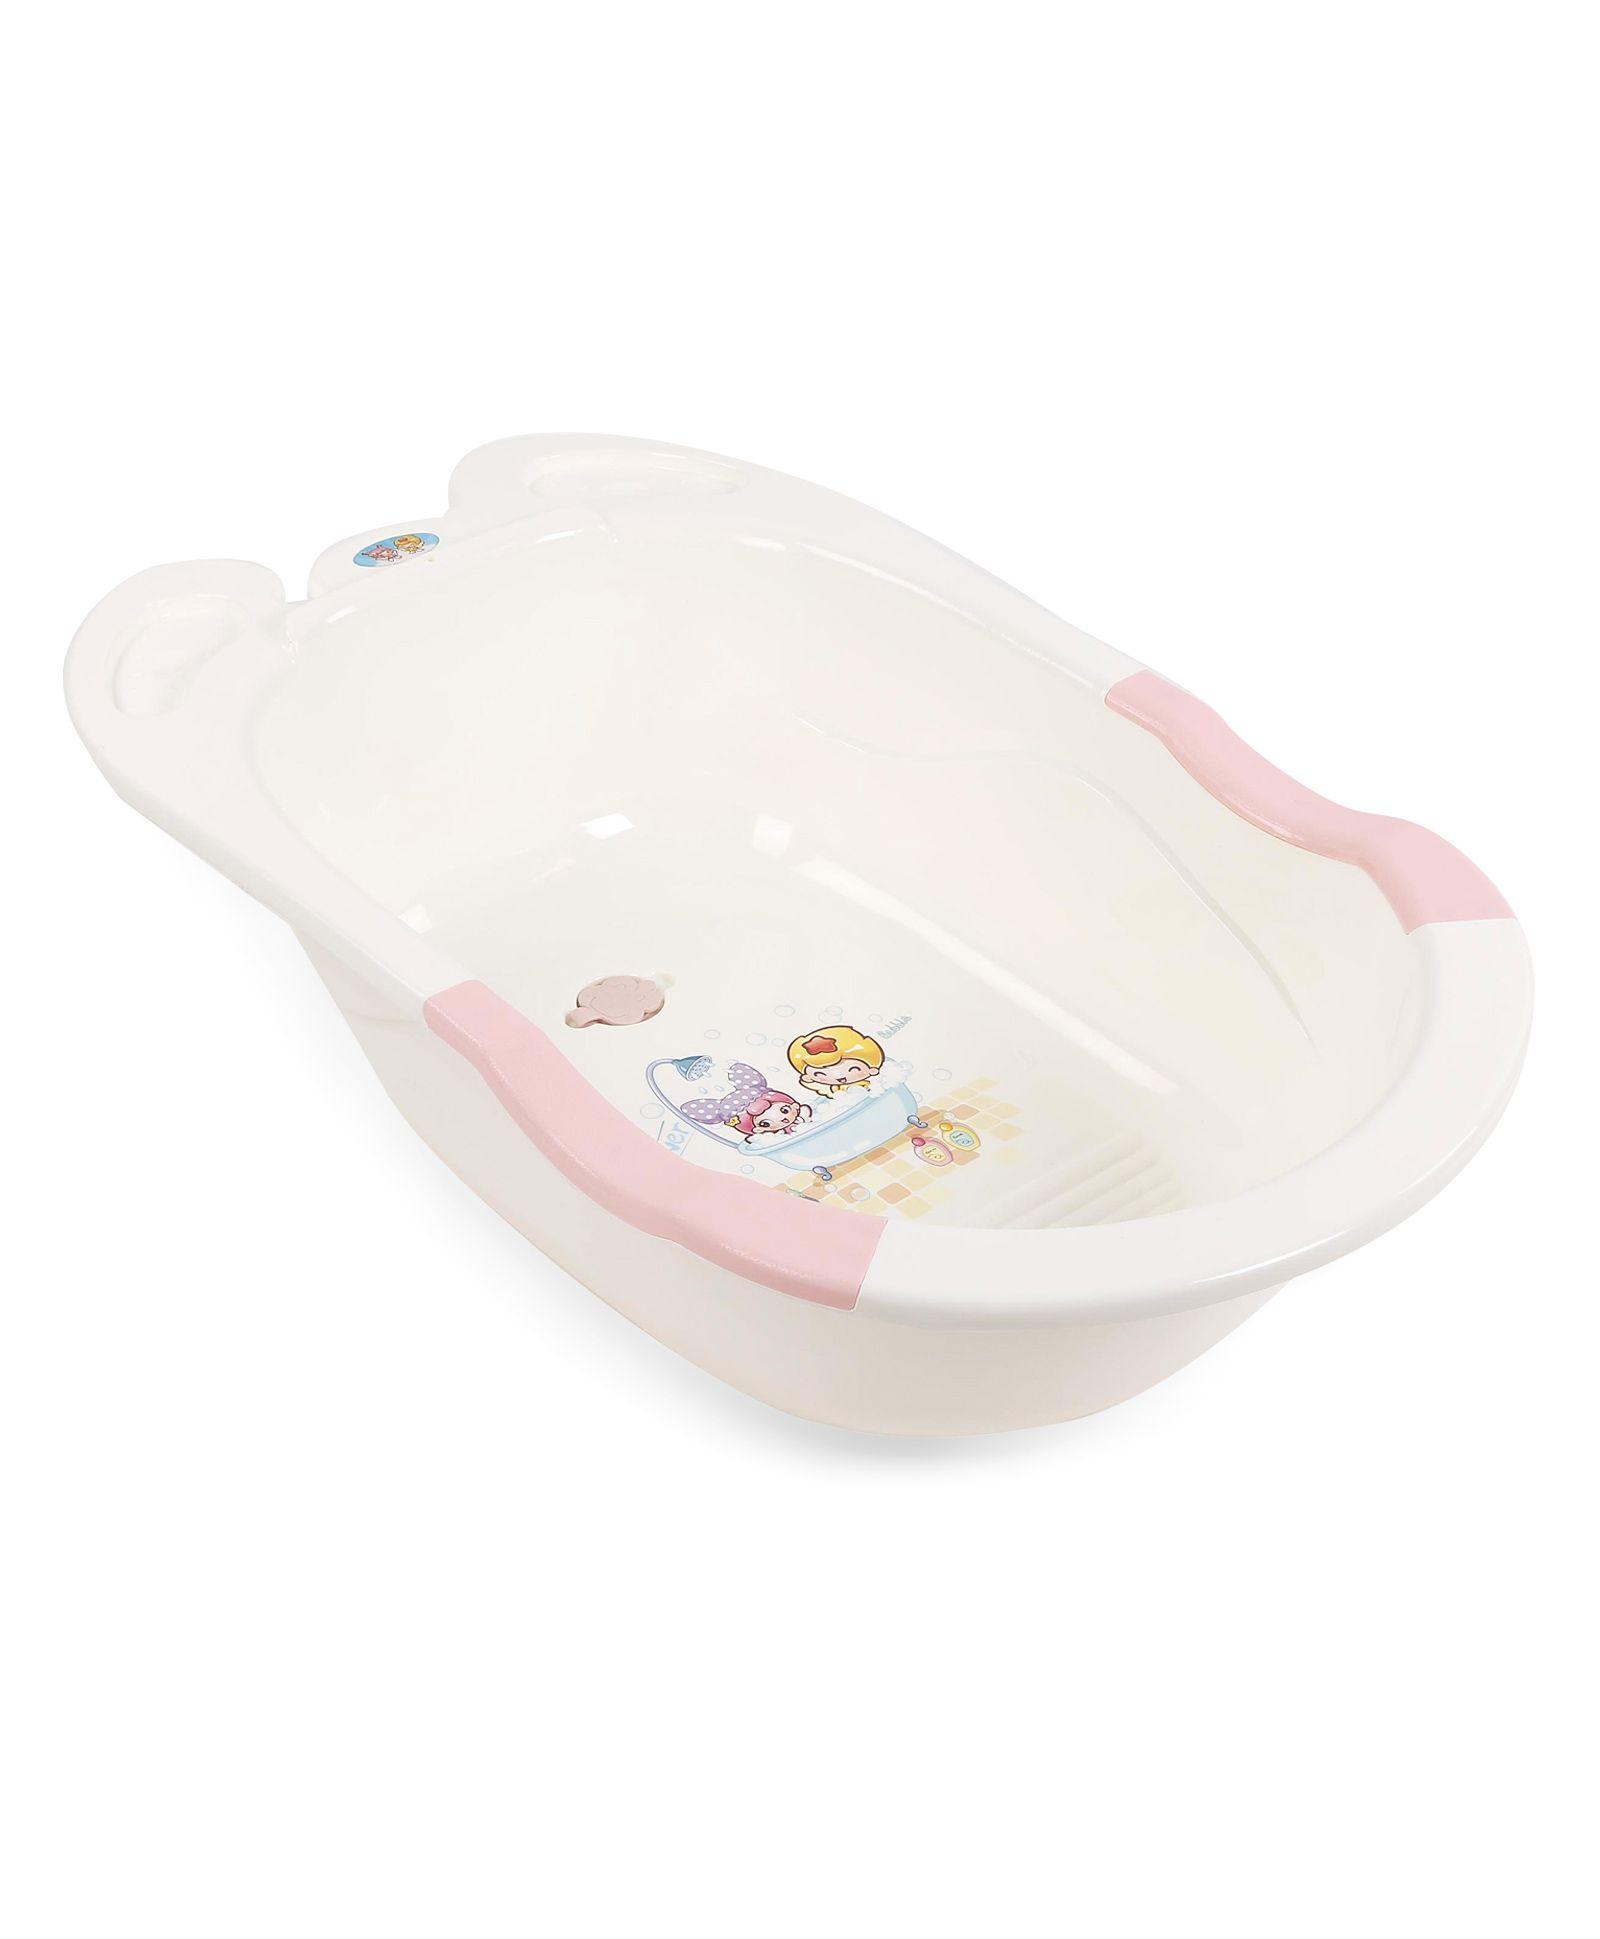 Baby Bath Tub With Print - Cream Blue